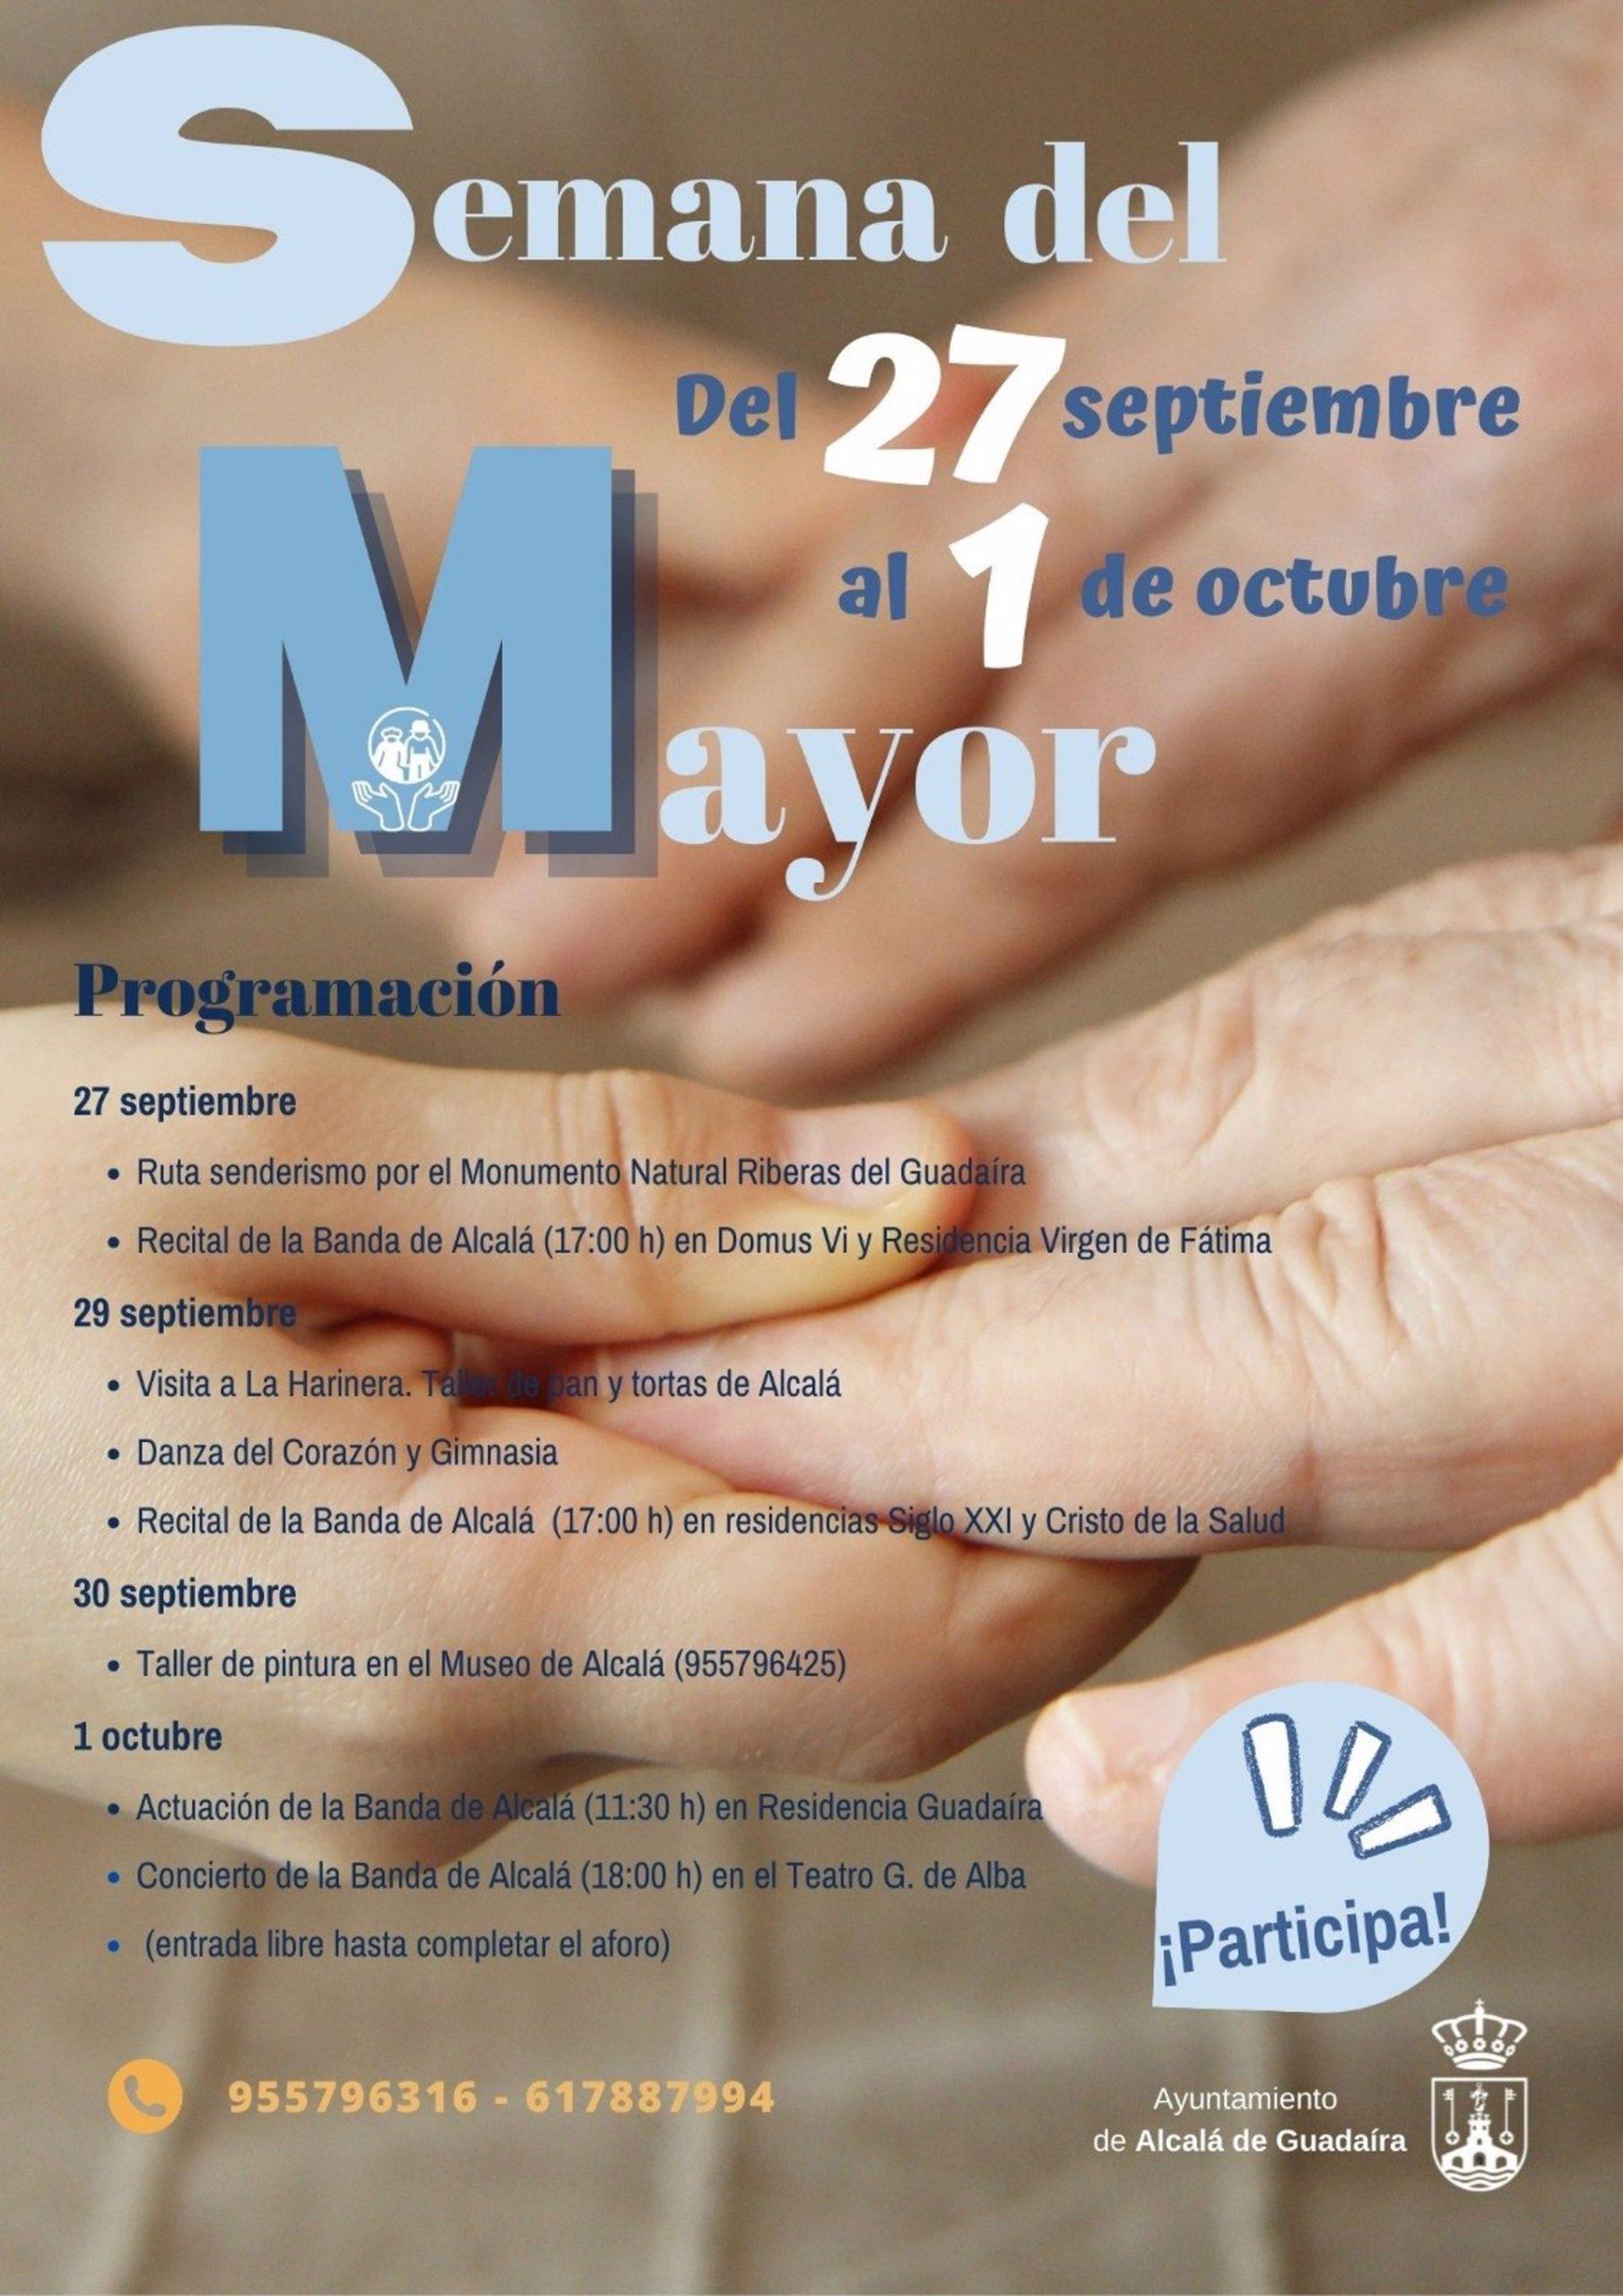 Sevilla.- Alcalá celebra el Día del Mayor con música en directo, talleres, senderismo o una visita a La Harinera